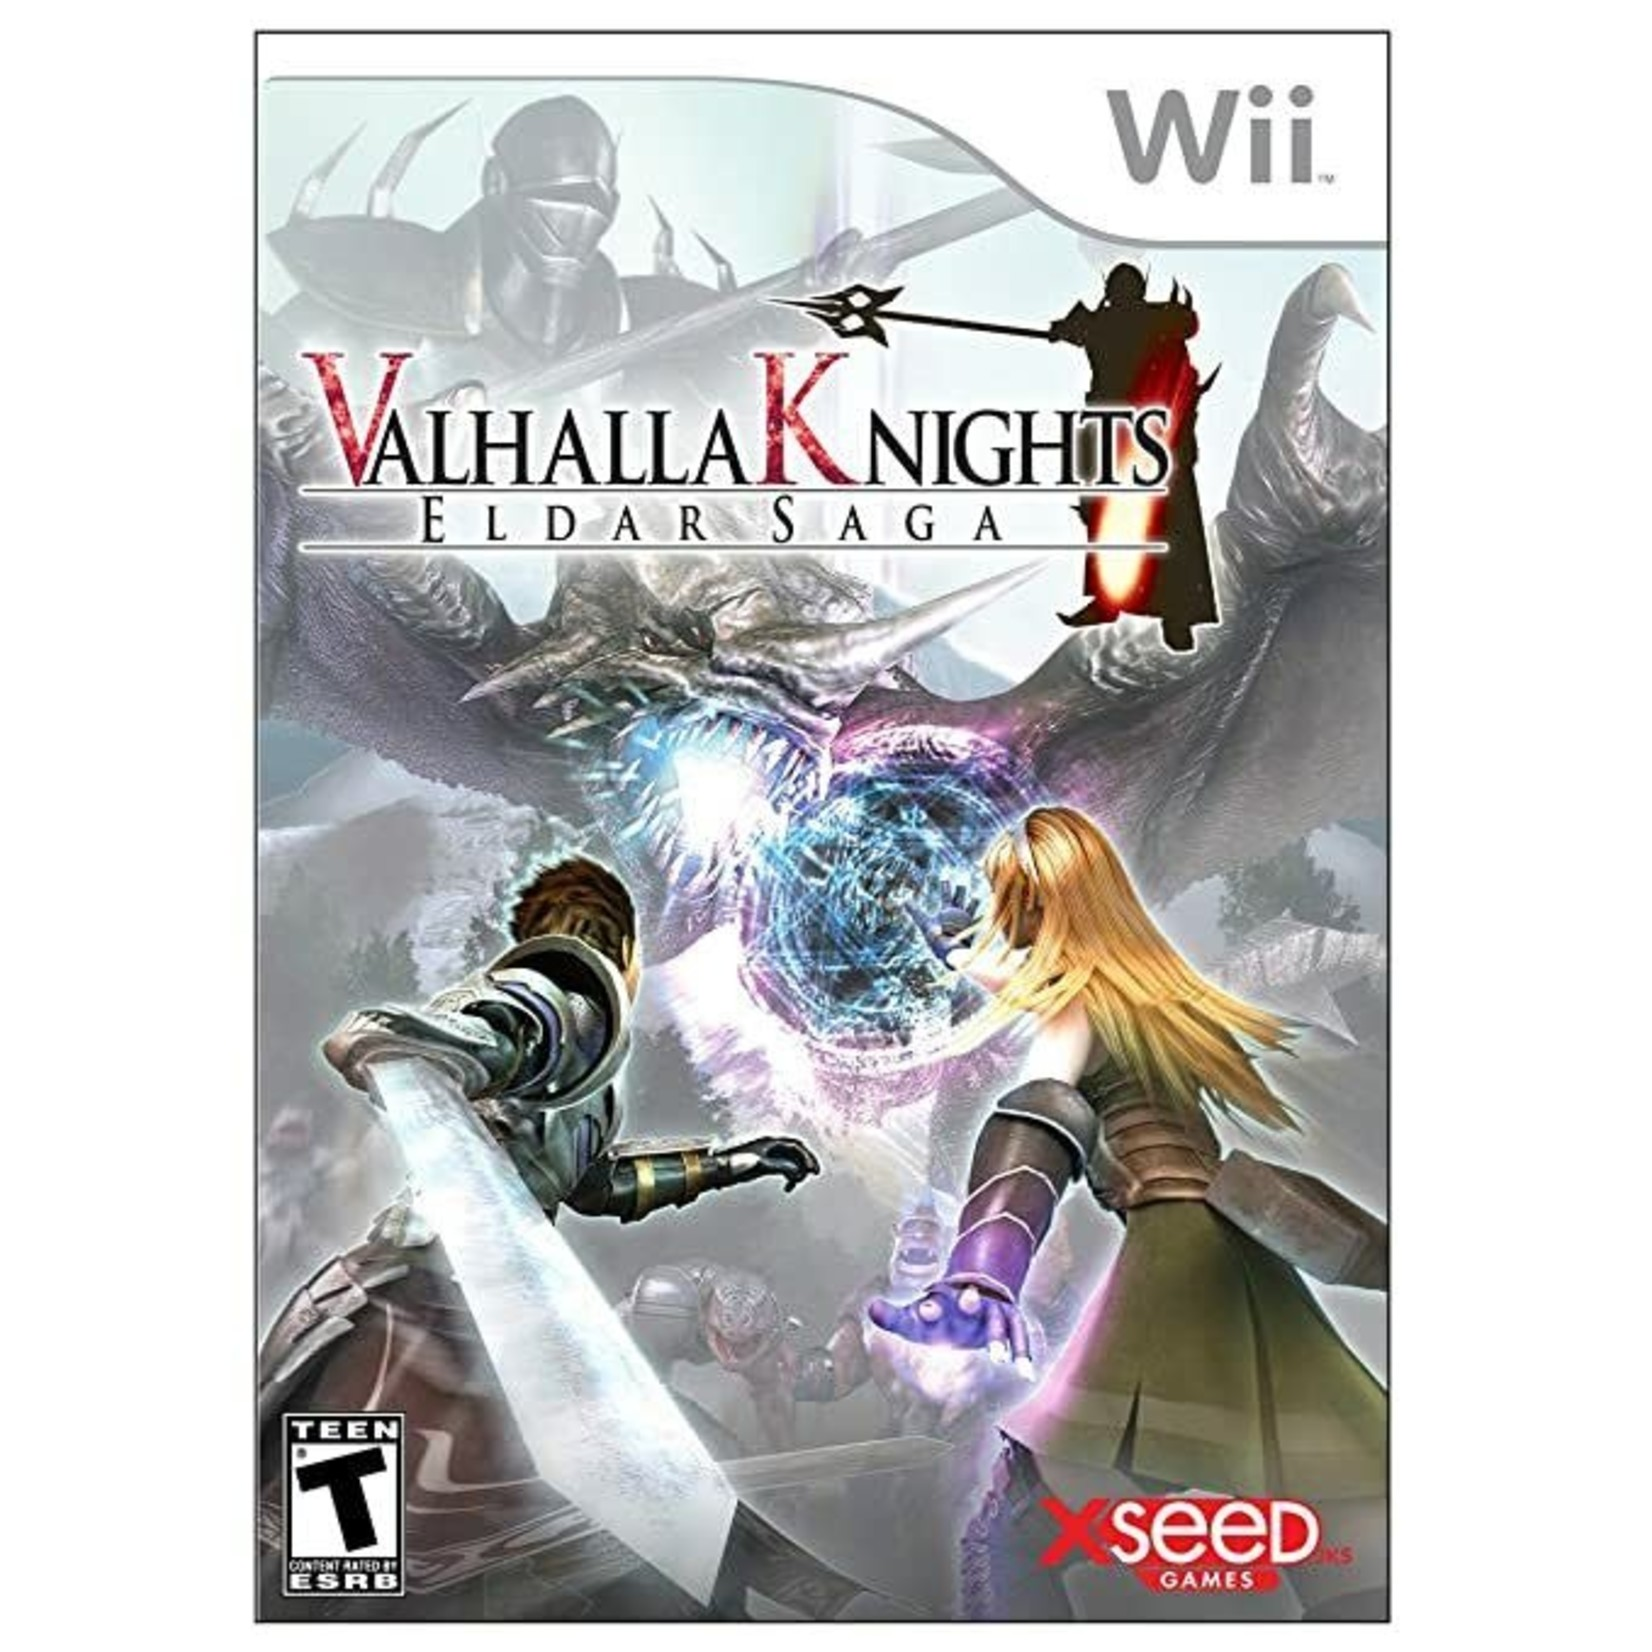 WII-Valhalla Knights: Eldar Saga